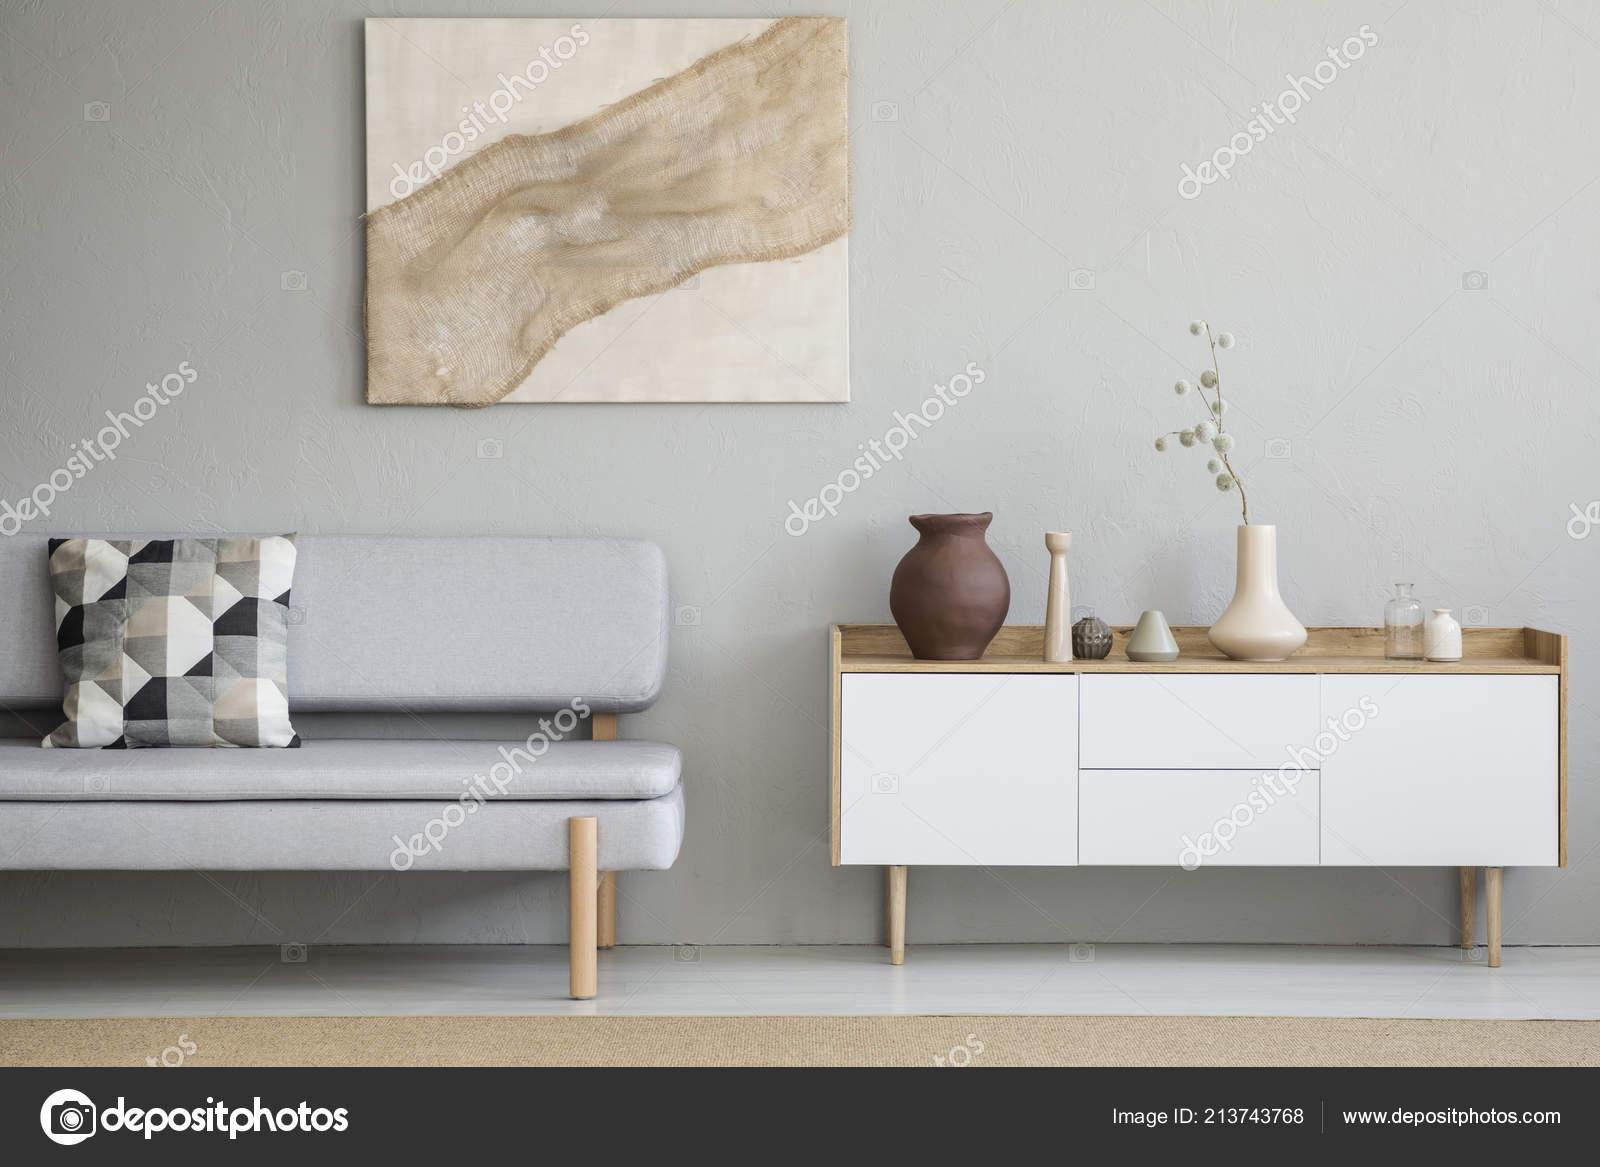 Graue Couch Mit Gemusterten Kissen Stehen Echtes Foto Von Hellen